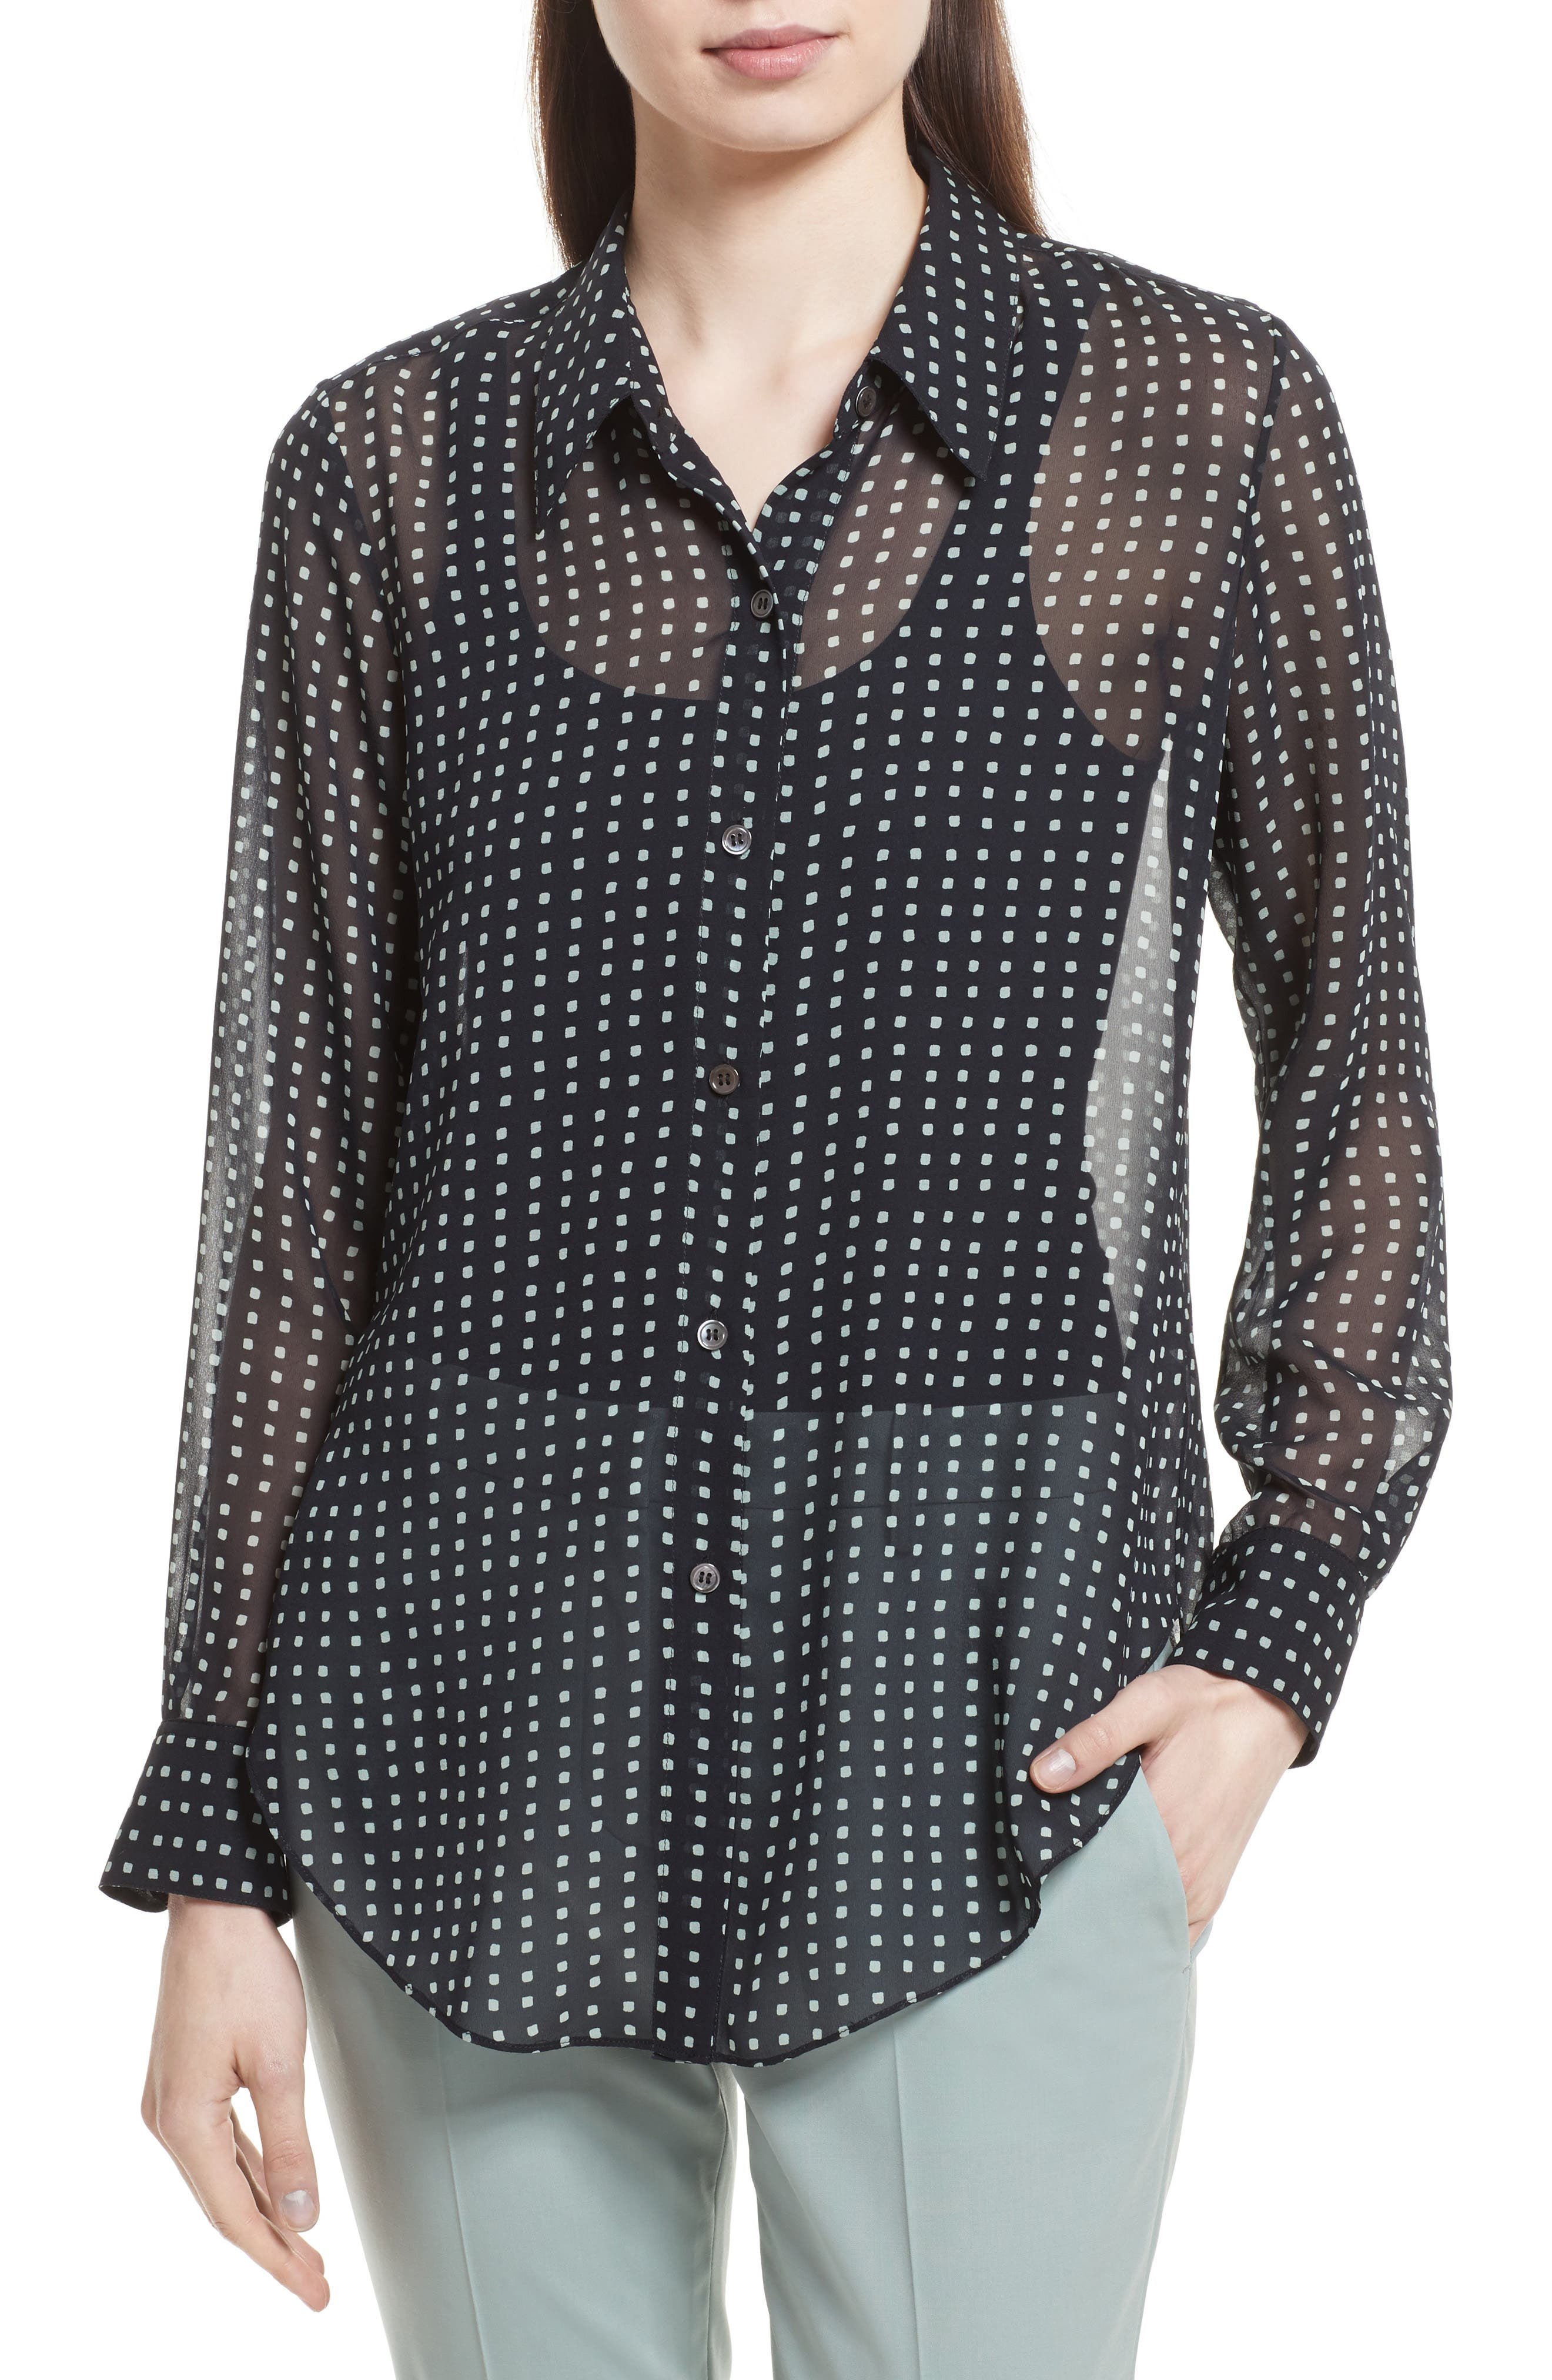 Alternate Image 1 Selected - Theory Sunaya Square Silk Chiffon Shirt